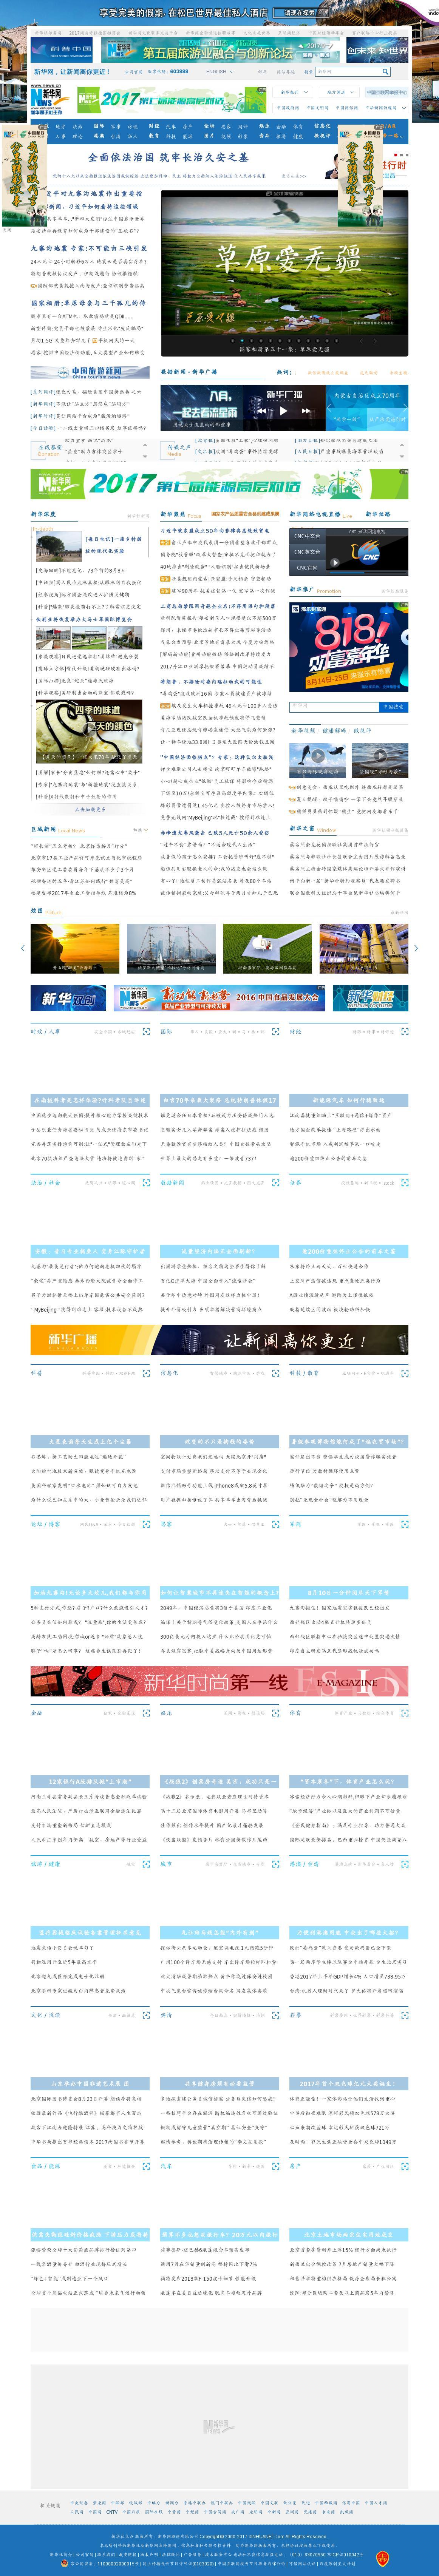 Xinhua at Saturday Aug. 12, 2017, 4:21 a.m. UTC